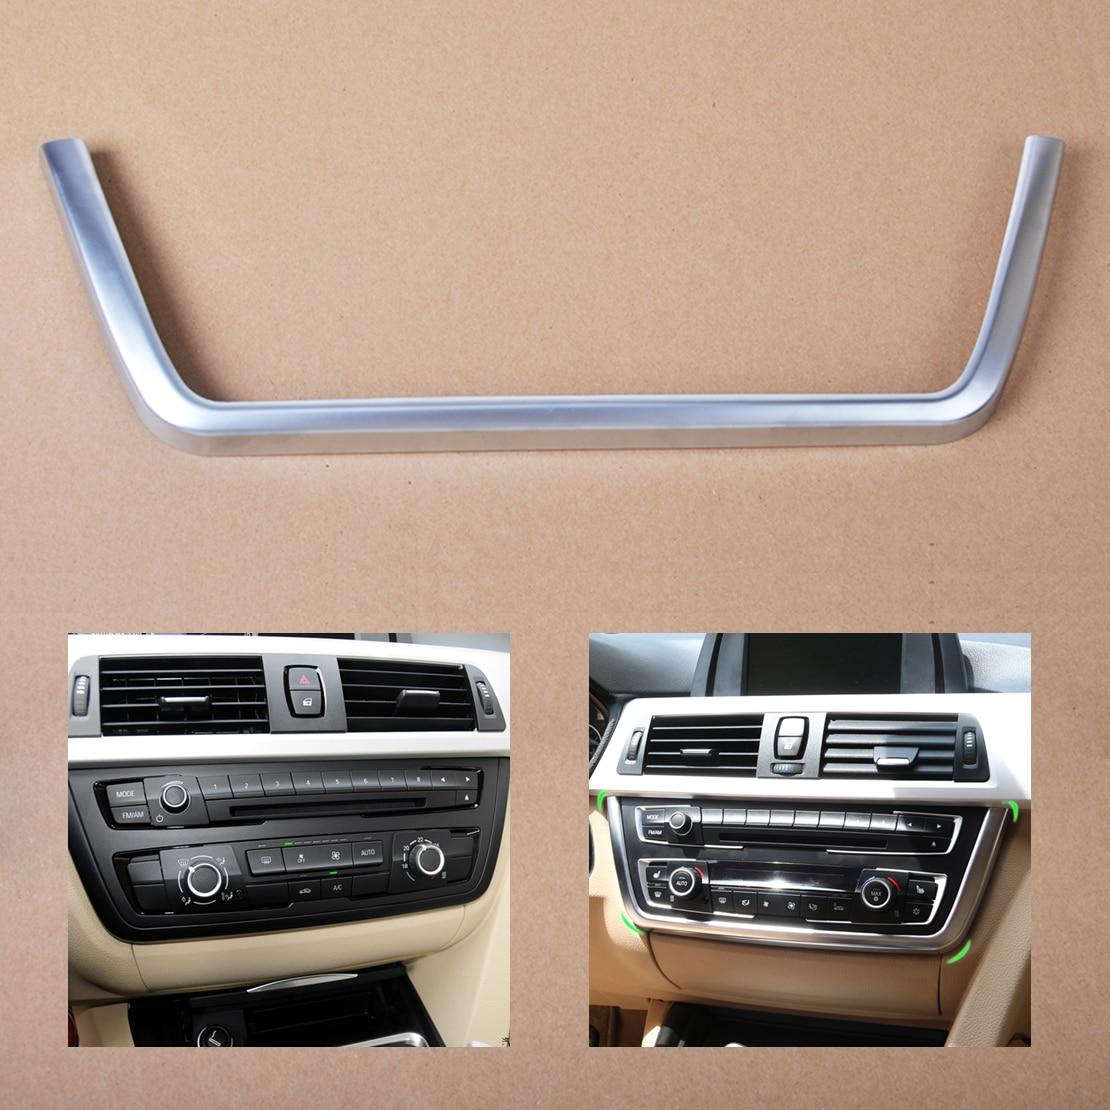 Beler Novo Chrome Tampa Do Console Do Painel Guarnição Decoração para BMW 3 4 série F34 F30 F31 F32 F36 316 318 320 420 2013 2014 2015